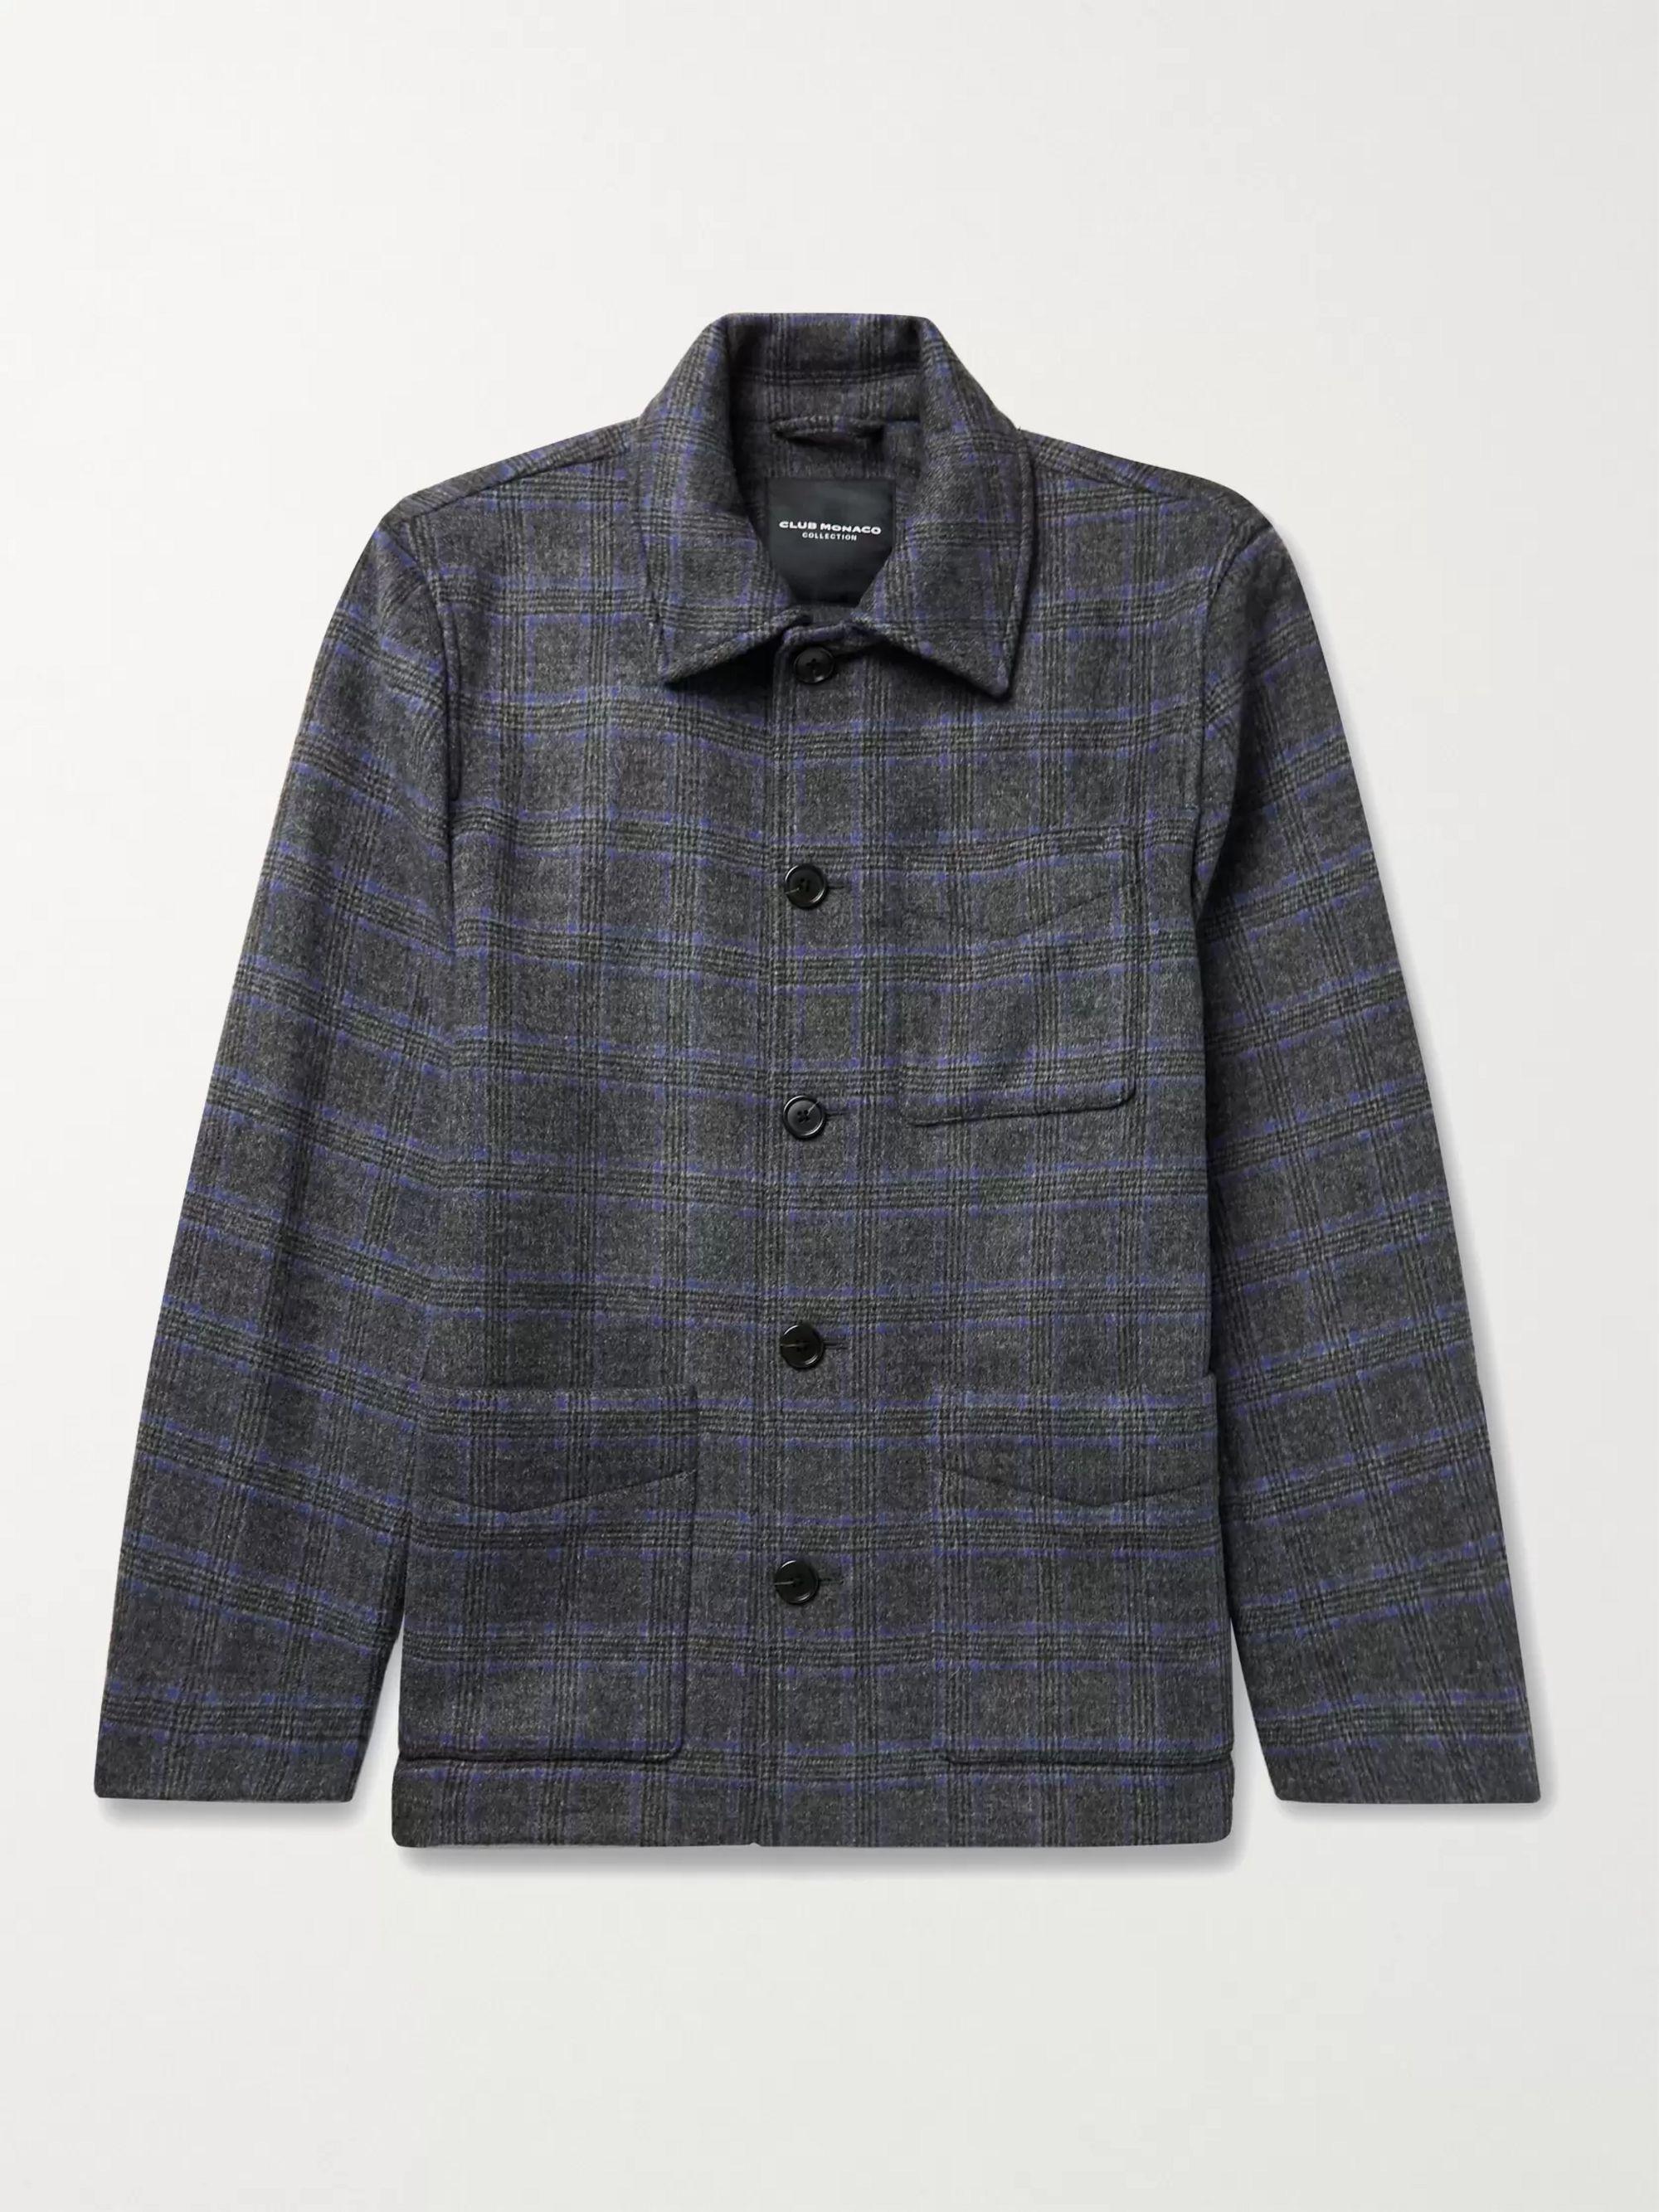 CLUB MONACO Checked Wool-Blend Chore Jacket